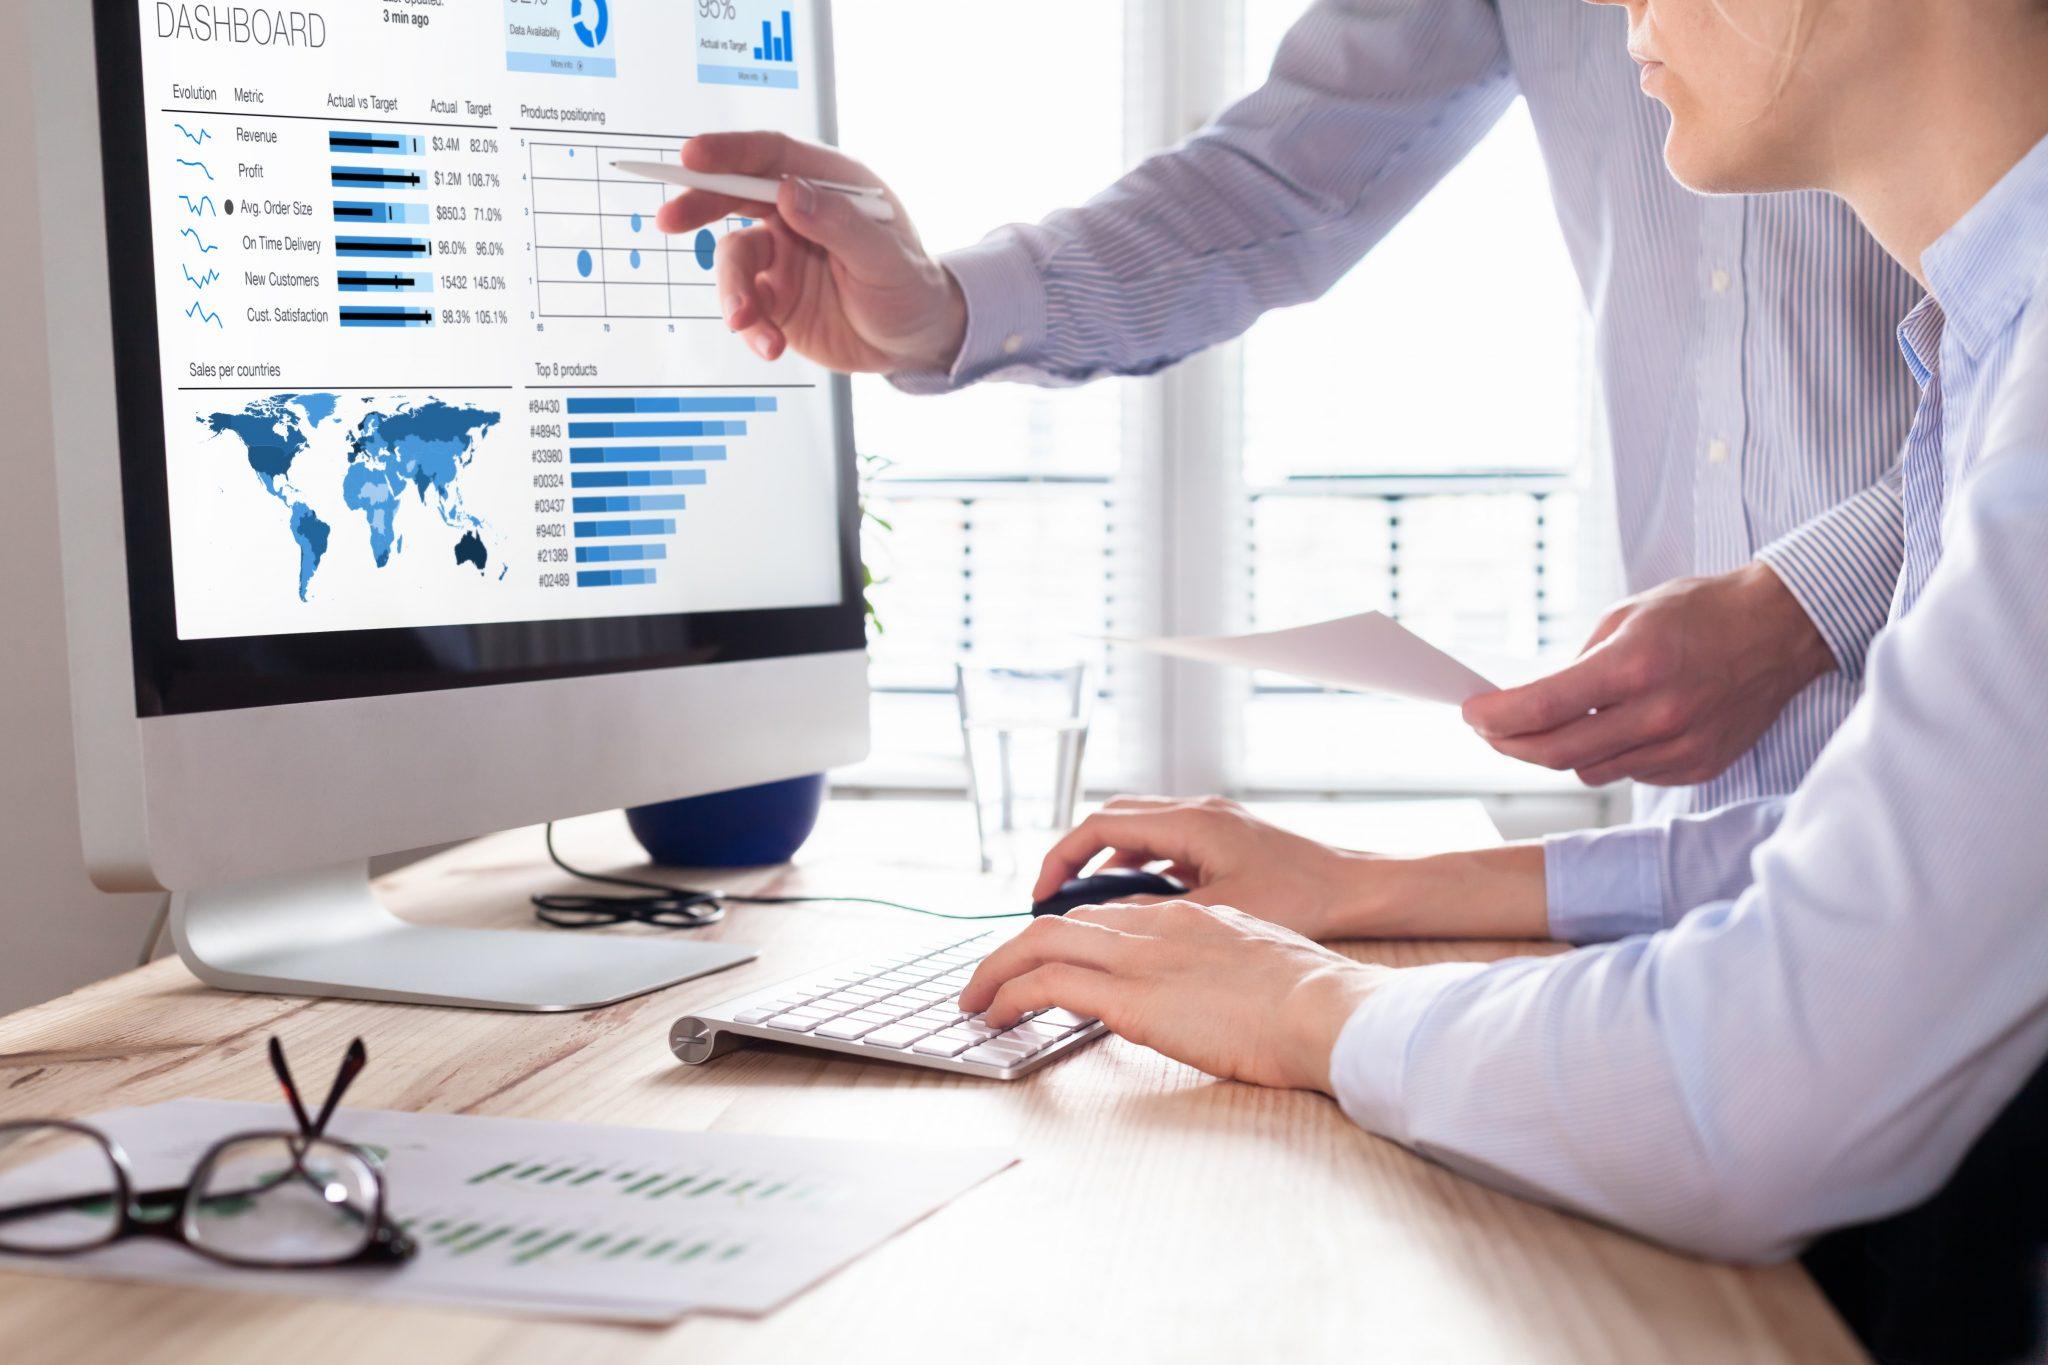 Team von Finanzexperten, die auf dem Computerbildschirm ein Dashboard für Geschäftsanalytik (BA) oder Intelligence (BI) diskutieren, in dem die Umsatzdaten und Betriebsdaten sowie die wichtigsten Leistungsindikatoren (KPI) dargestellt werden